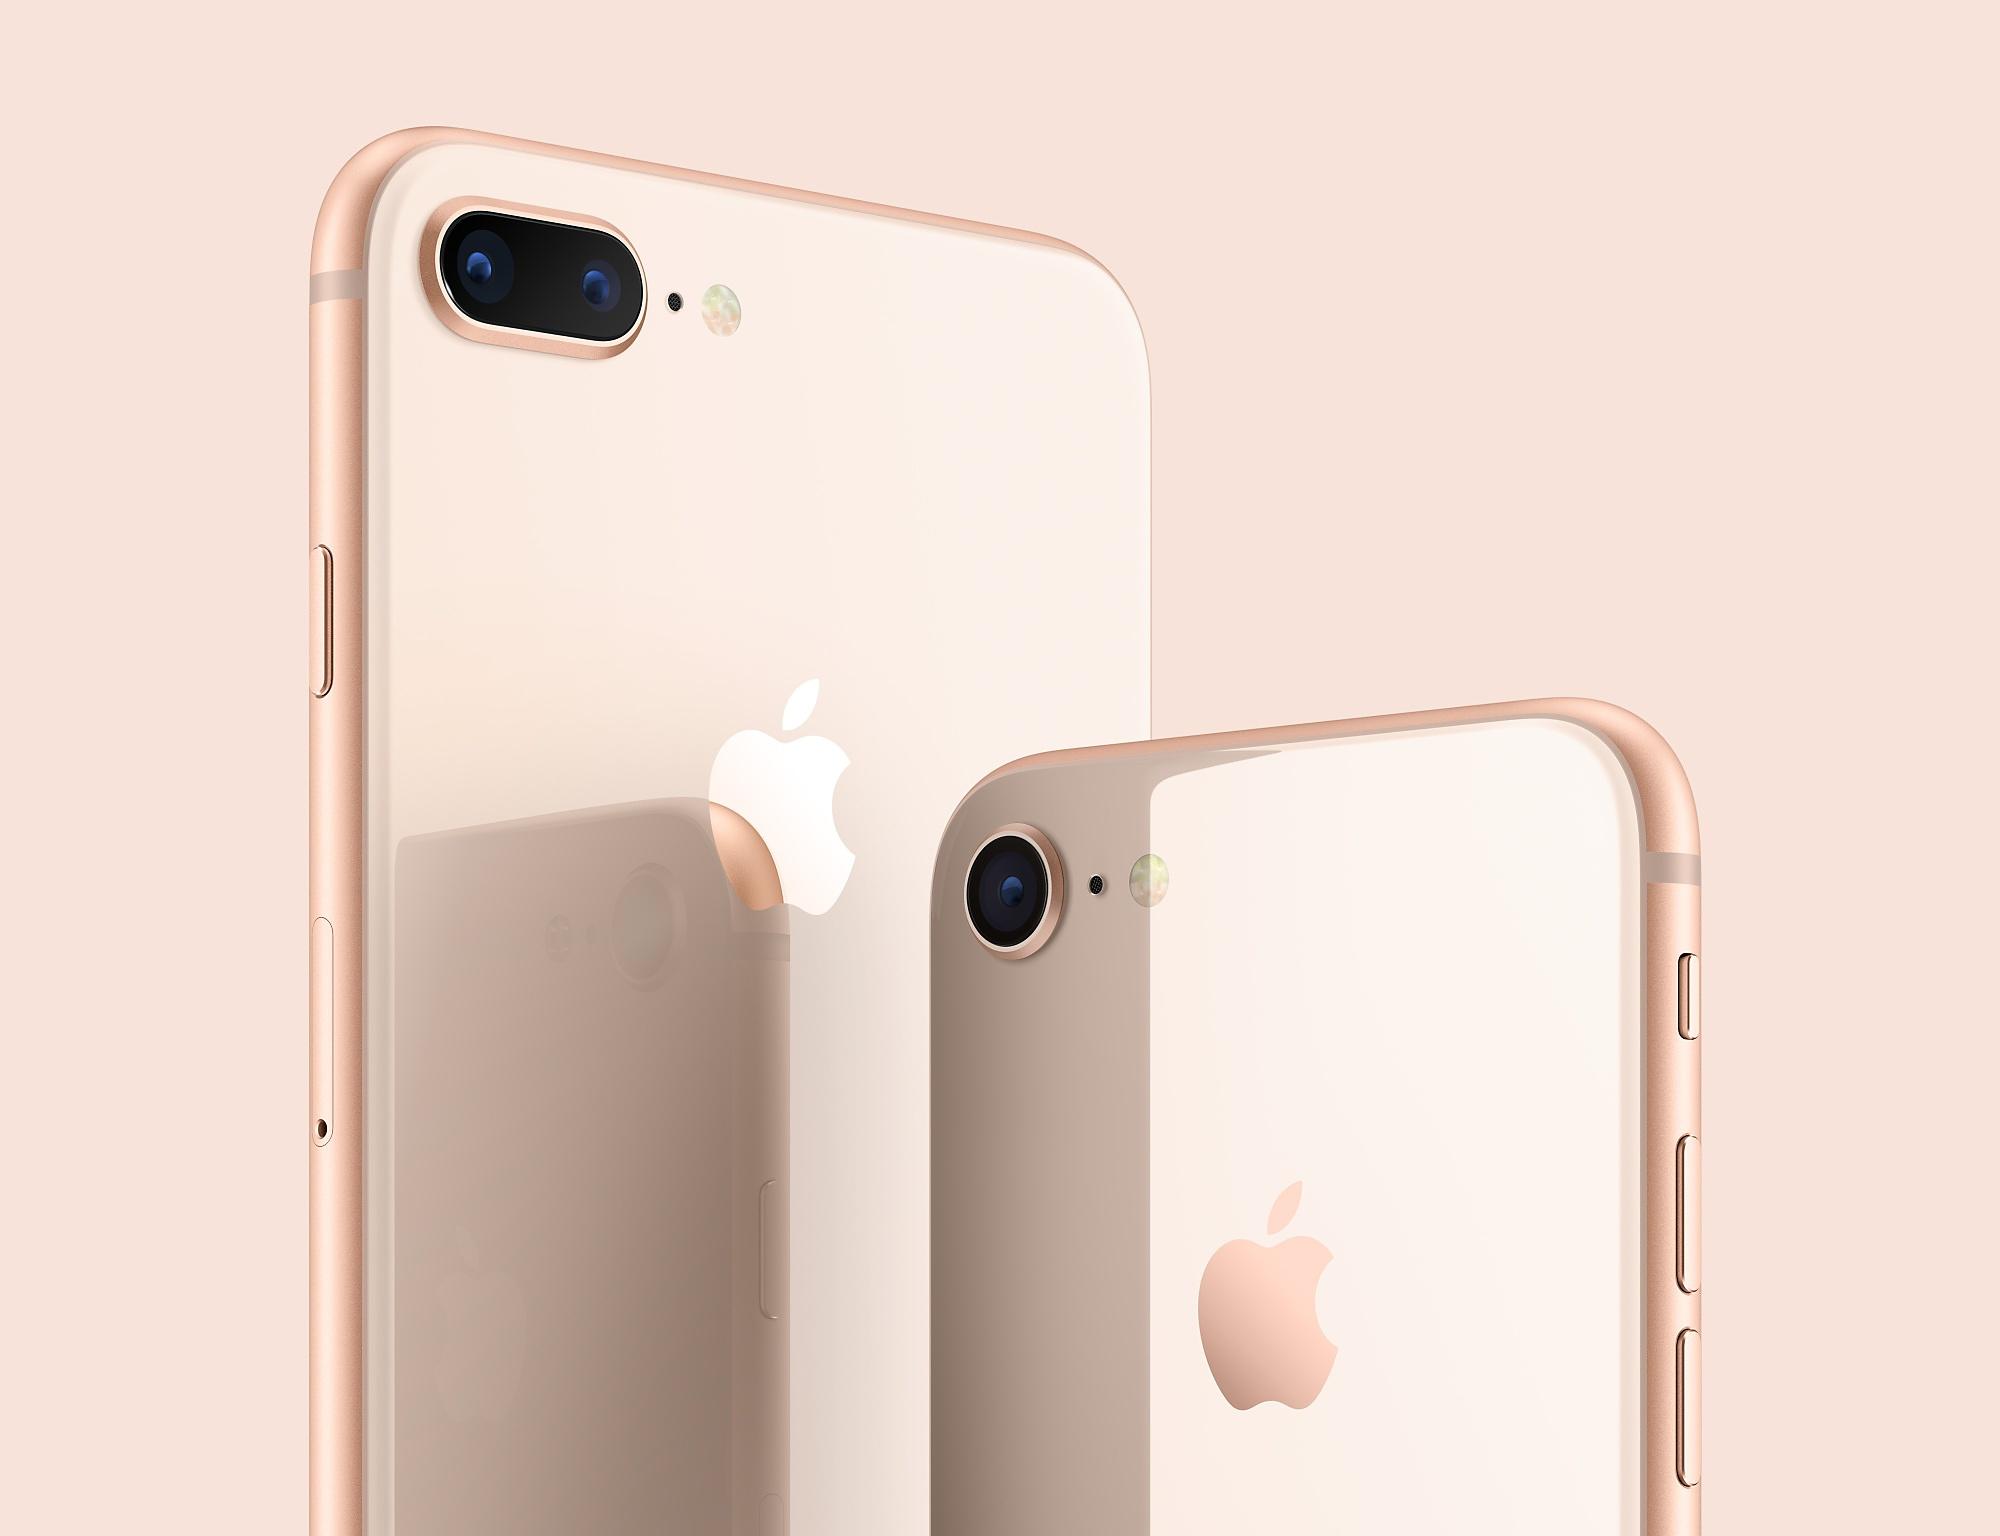 Apple songerait à recréer l'iPhone 8 avec des composants plus récents